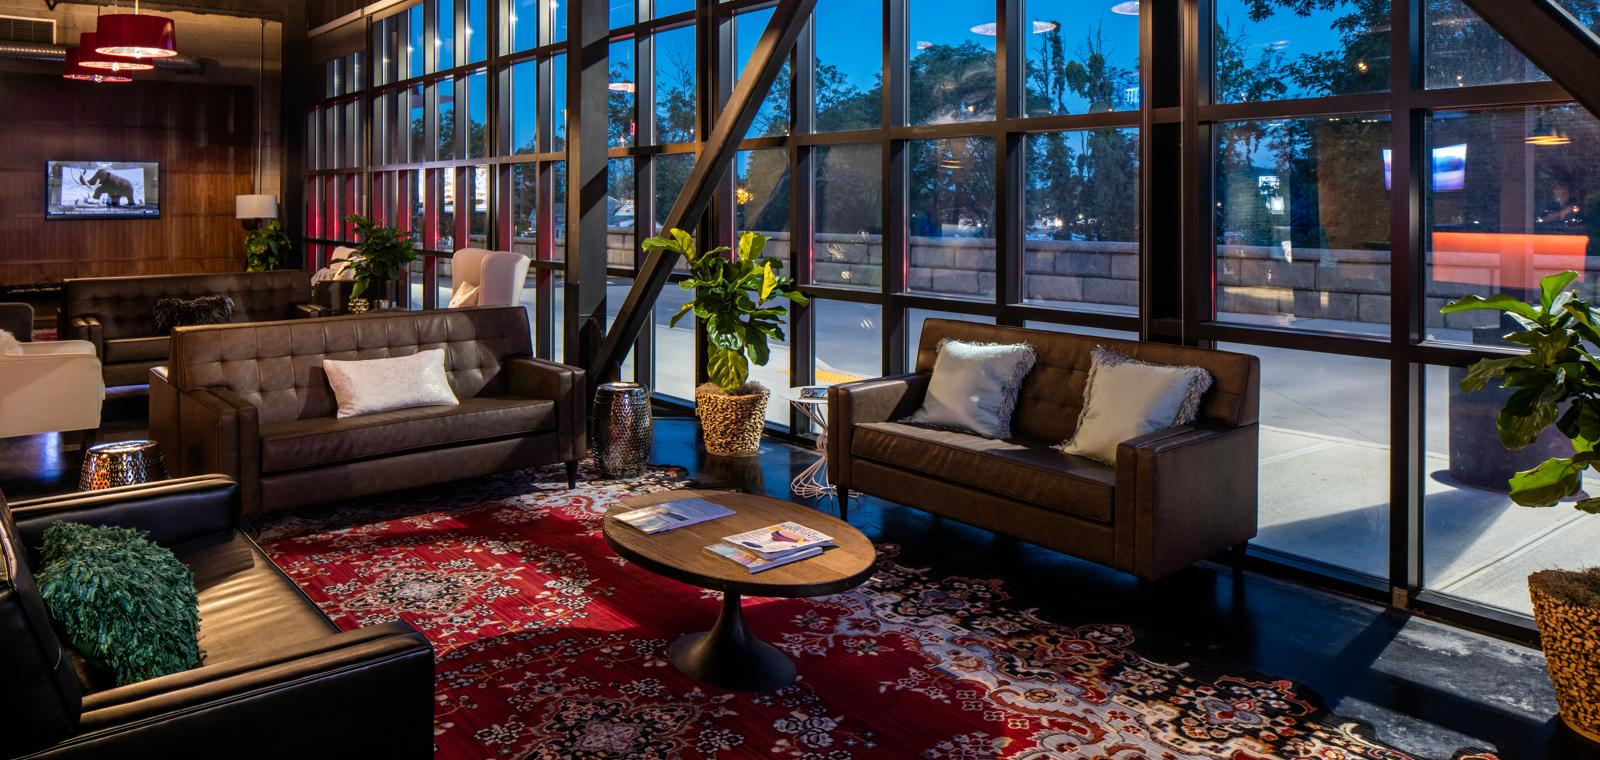 Hotel-Nyack-Lobby-Lounge